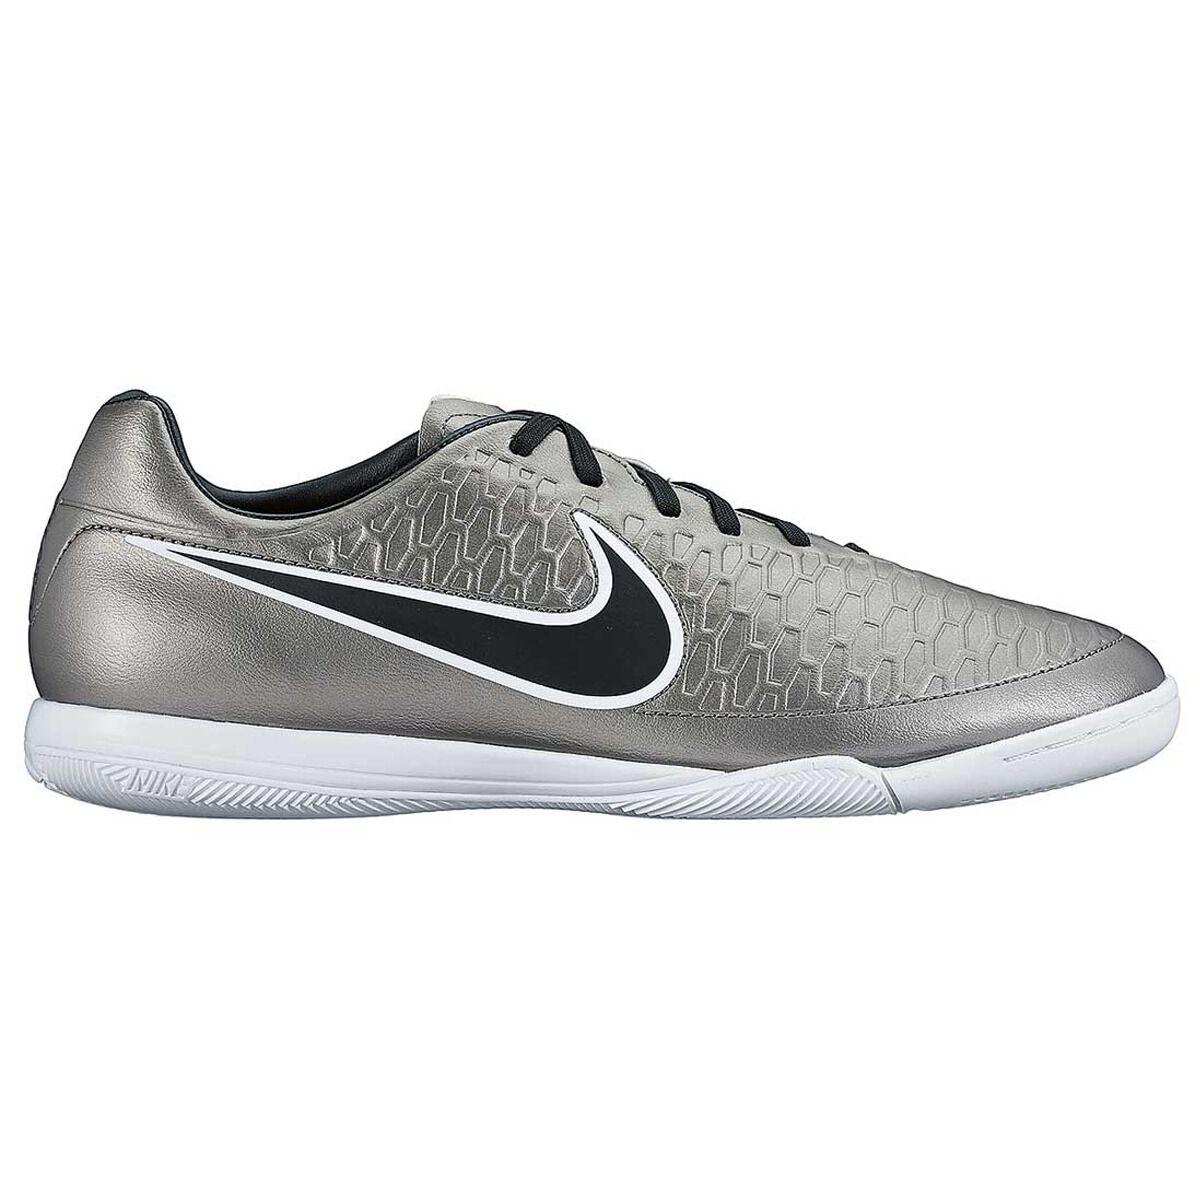 c54e4a5c5 ... nike magista onda mens indoor soccer shoes grey us 10 adult grey rebelhi